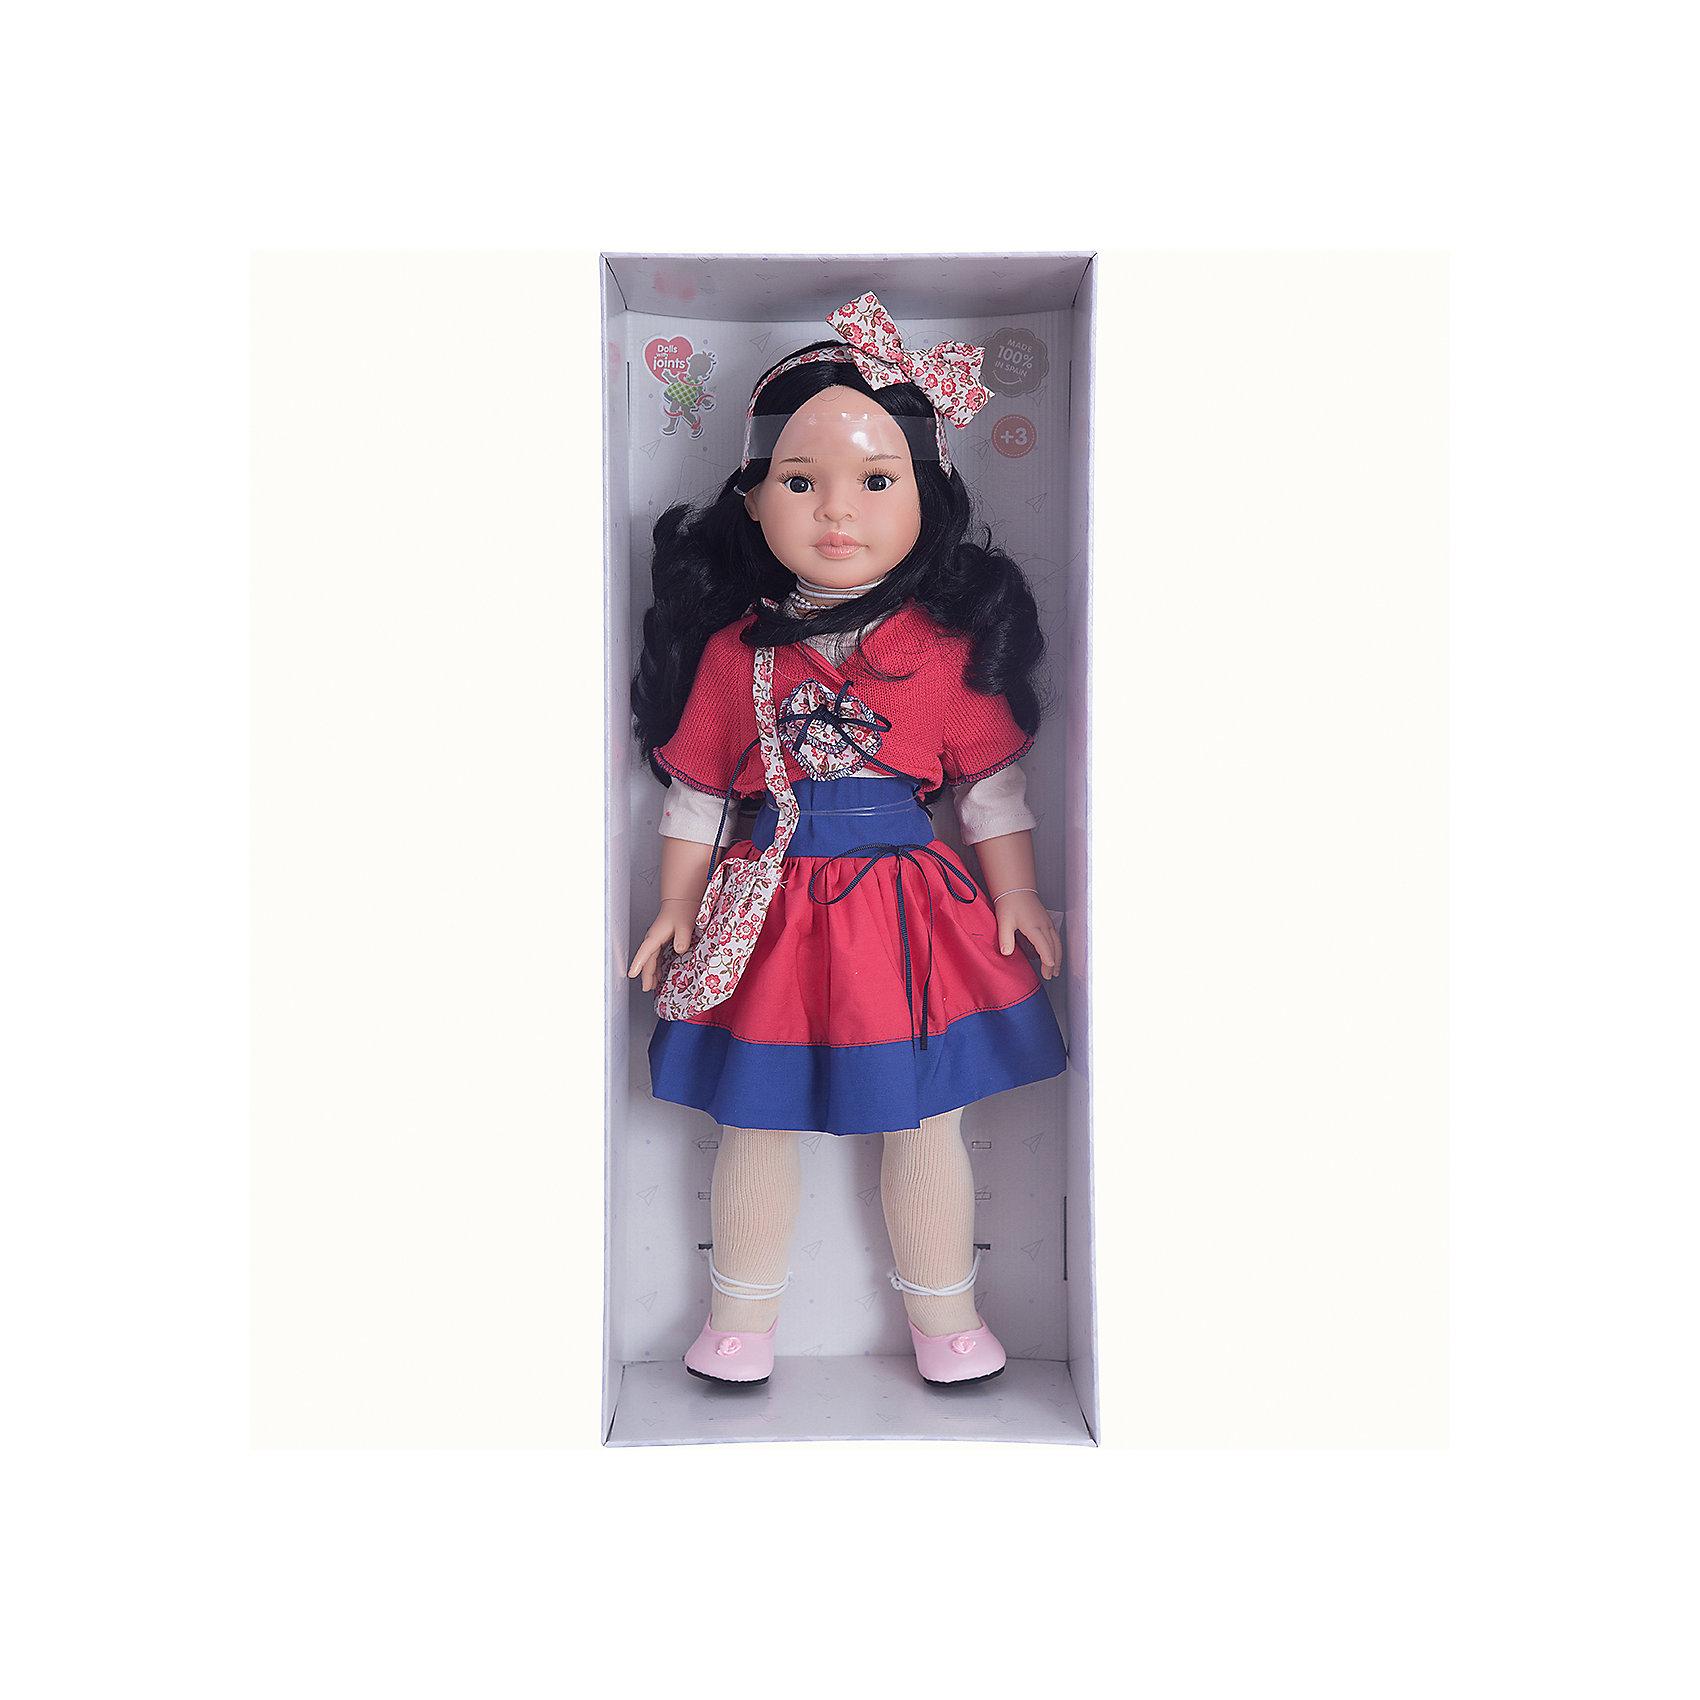 Кукла Мэй, 60 см, Paola ReinaКлассические куклы<br>Кукла изготовлена из винила; глаза выполнены в виде кристалла из прозрачного твердого пластика; волосы сделаны из высококачественного нейлона.<br><br>Ширина мм: 340<br>Глубина мм: 340<br>Высота мм: 690<br>Вес г: 1750<br>Возраст от месяцев: 36<br>Возраст до месяцев: 144<br>Пол: Женский<br>Возраст: Детский<br>SKU: 4966360